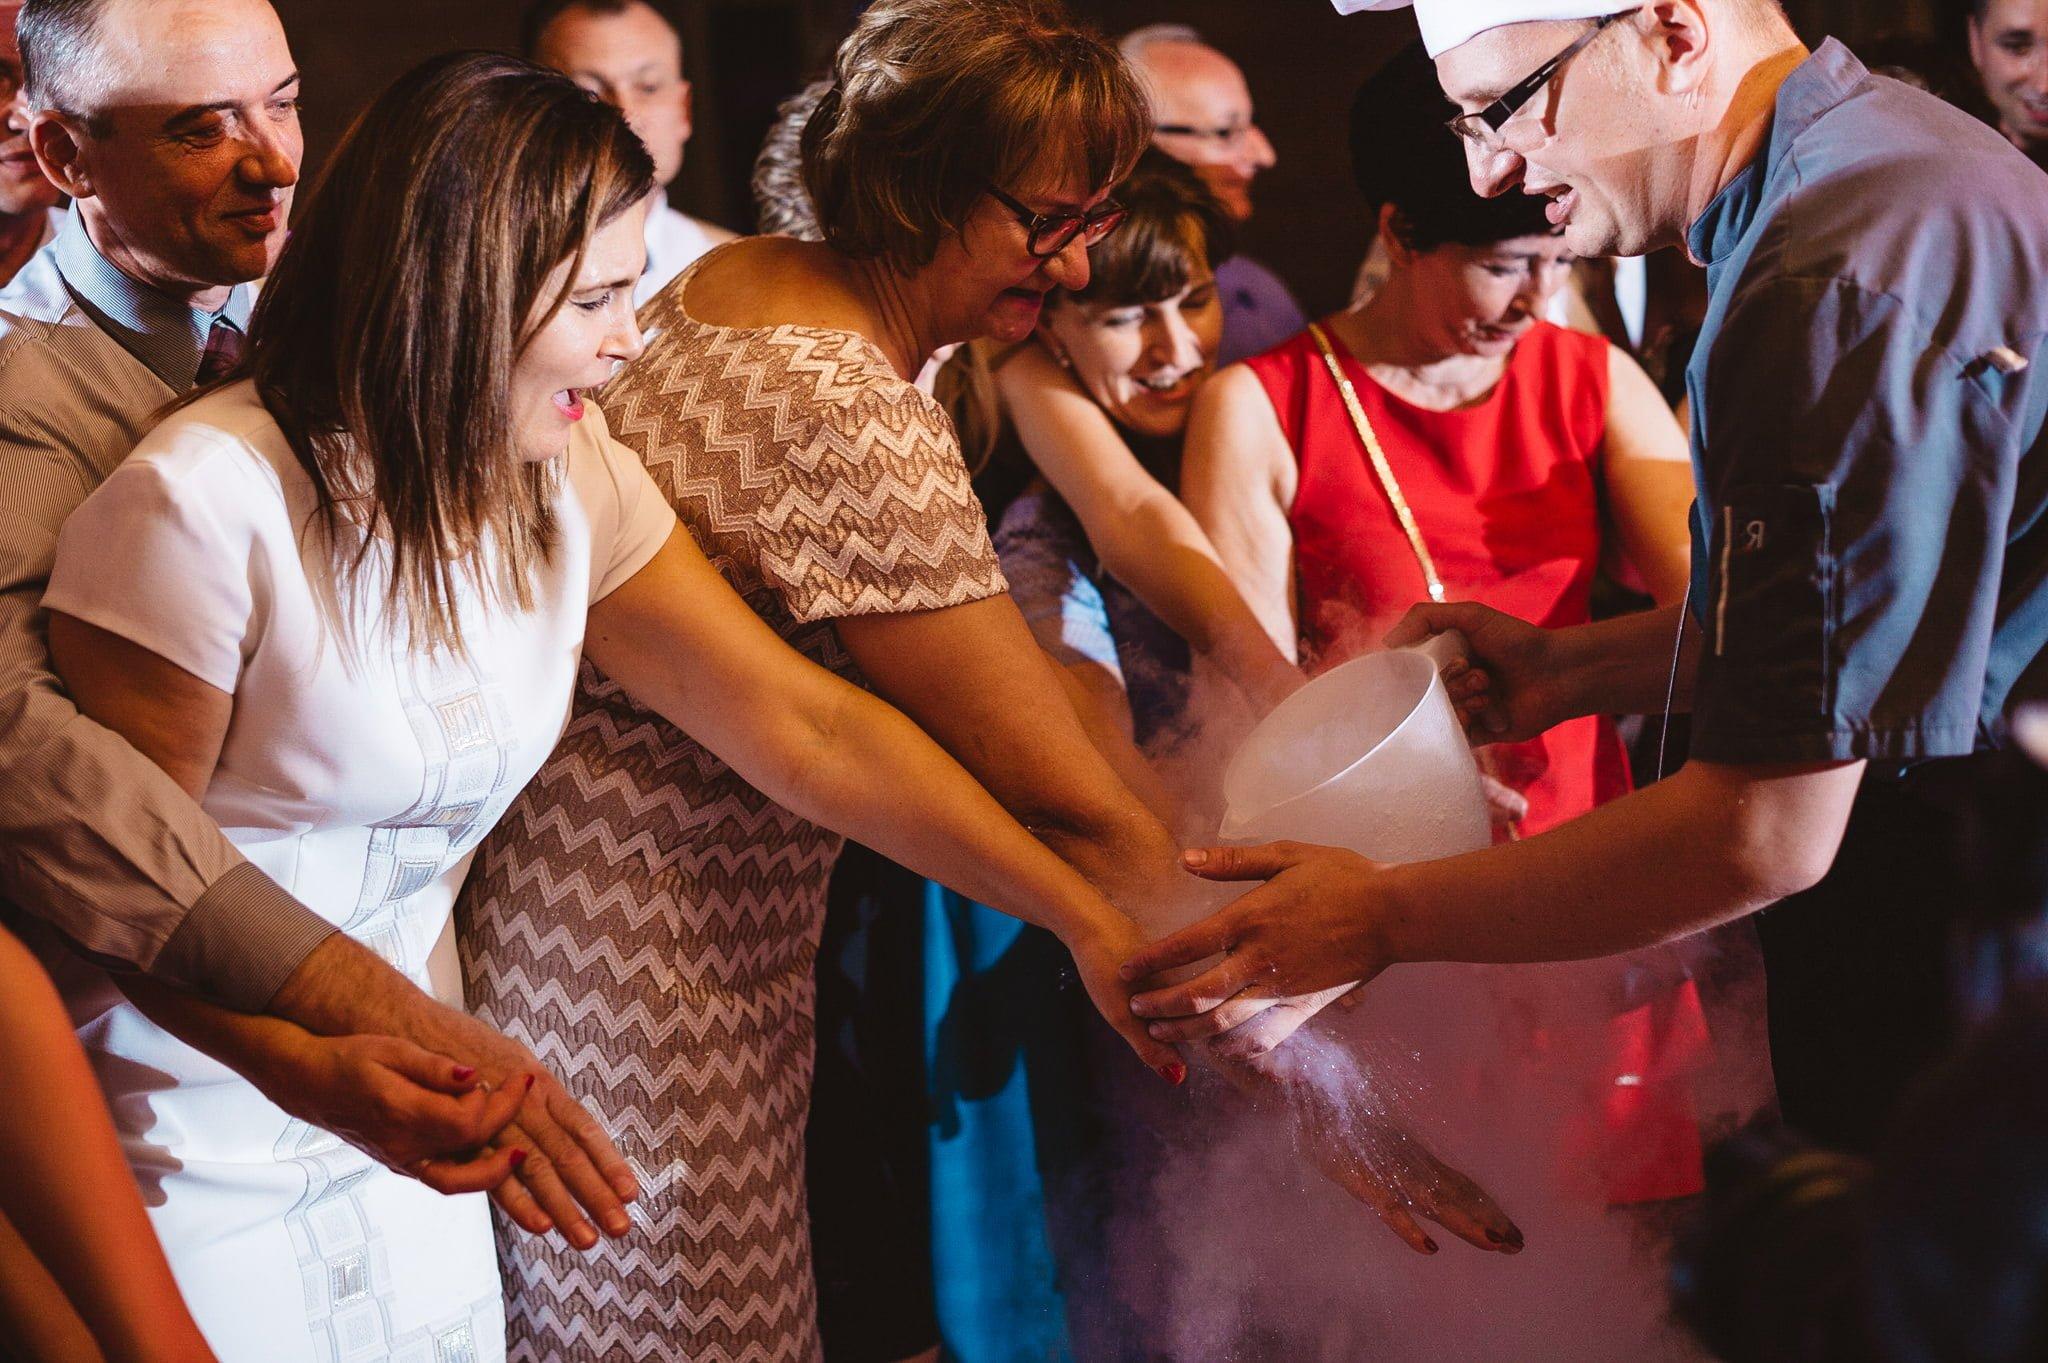 Ala i Arek, czyli jak zorganizować ślub i wesele w 4 tygodnie! 244